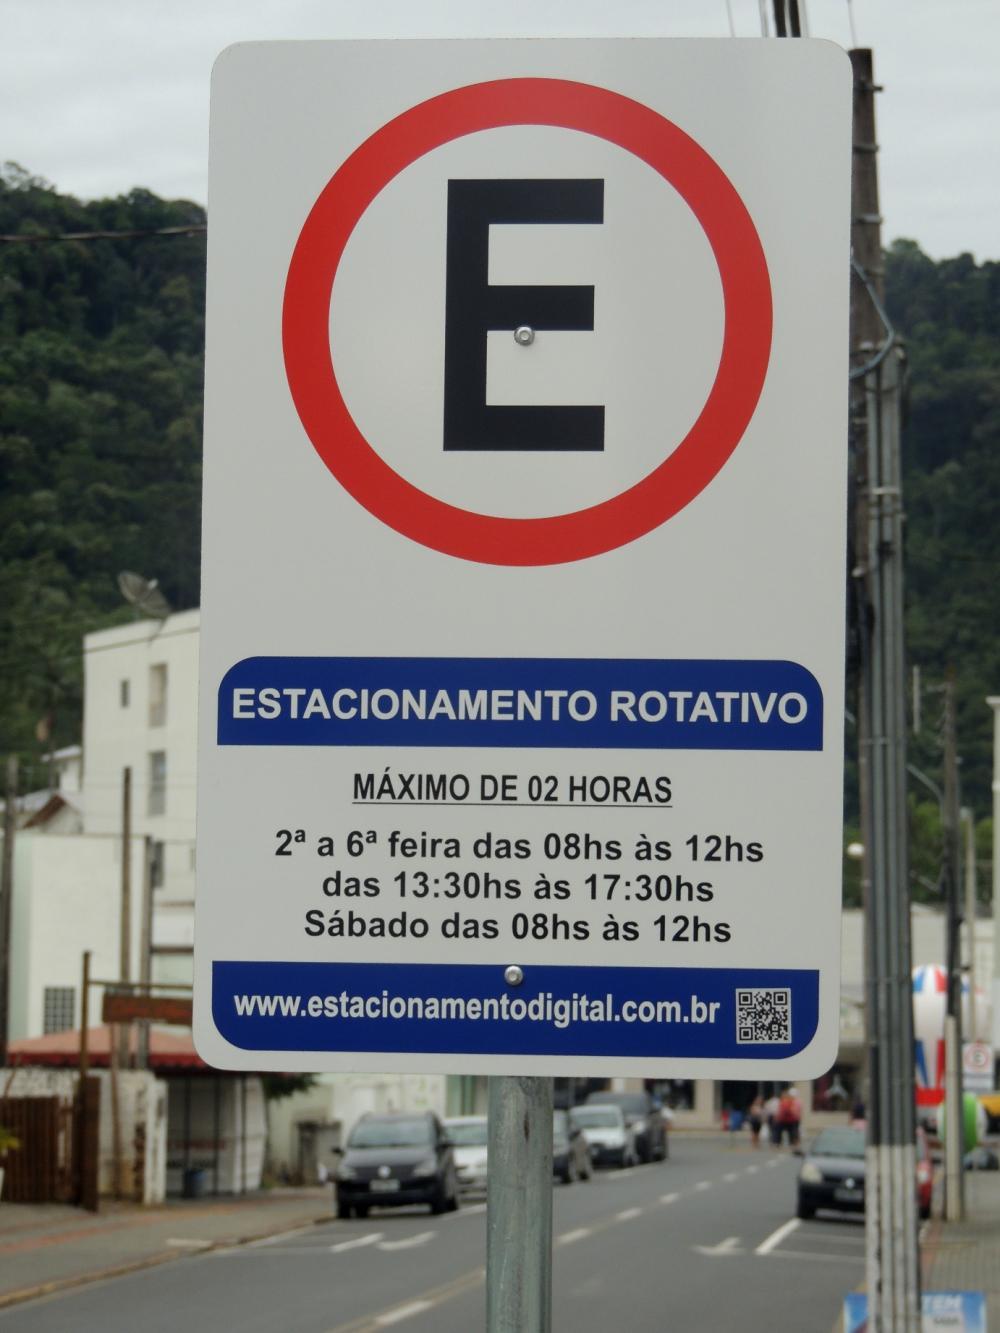 Estacionamento Rotativo de Ituporanga começa a valer na segunda-feira